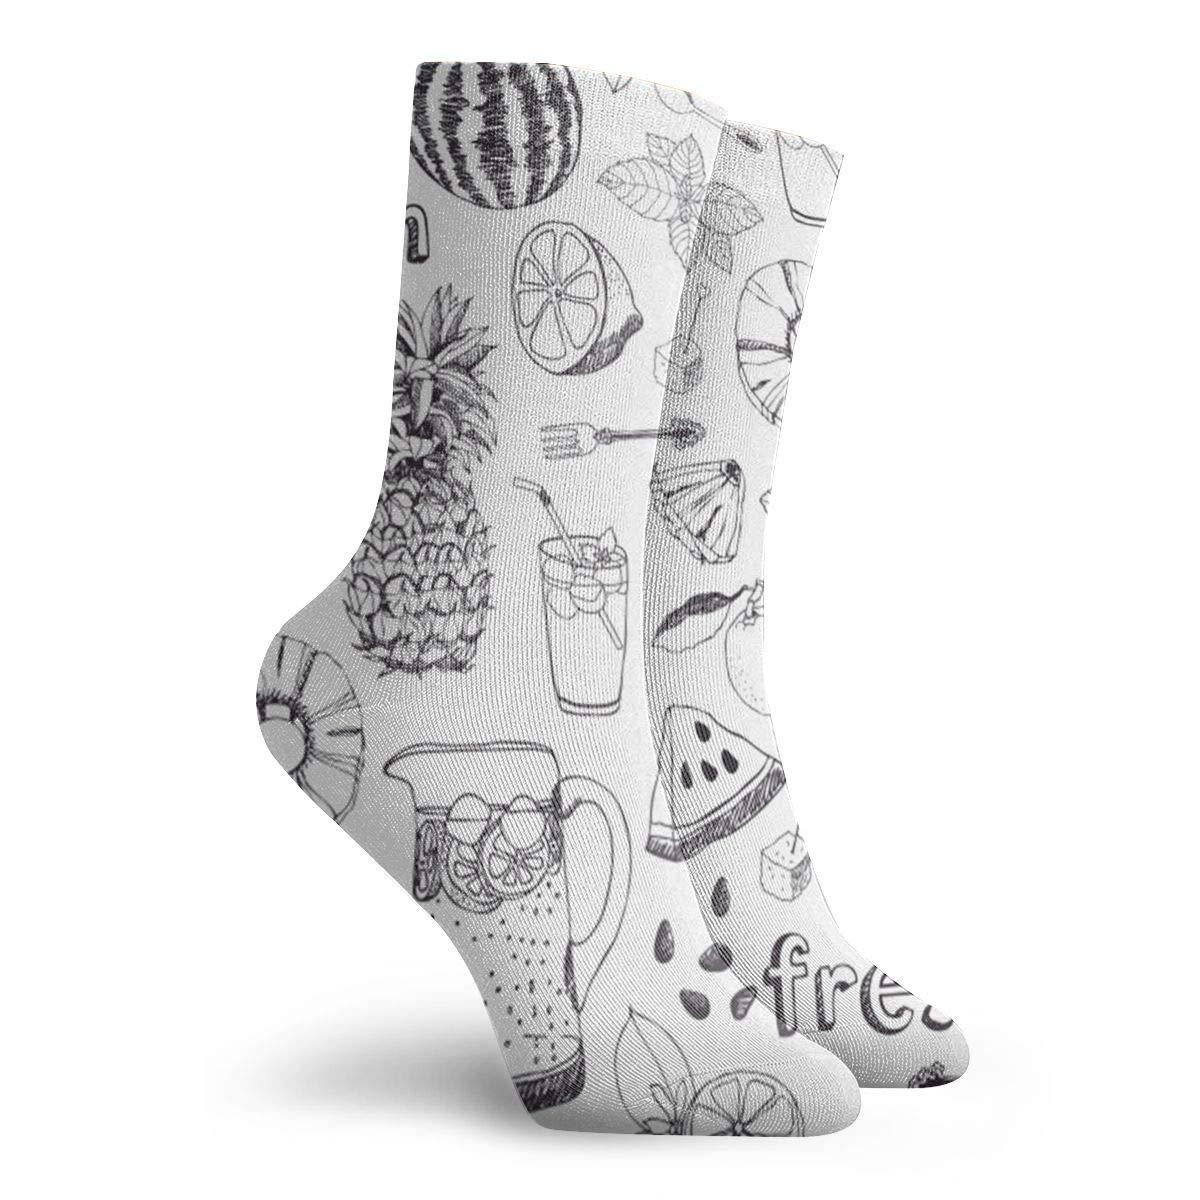 Summer-freshness Unisex Funny Casual Crew Socks Athletic Socks For Boys Girls Kids Teenagers